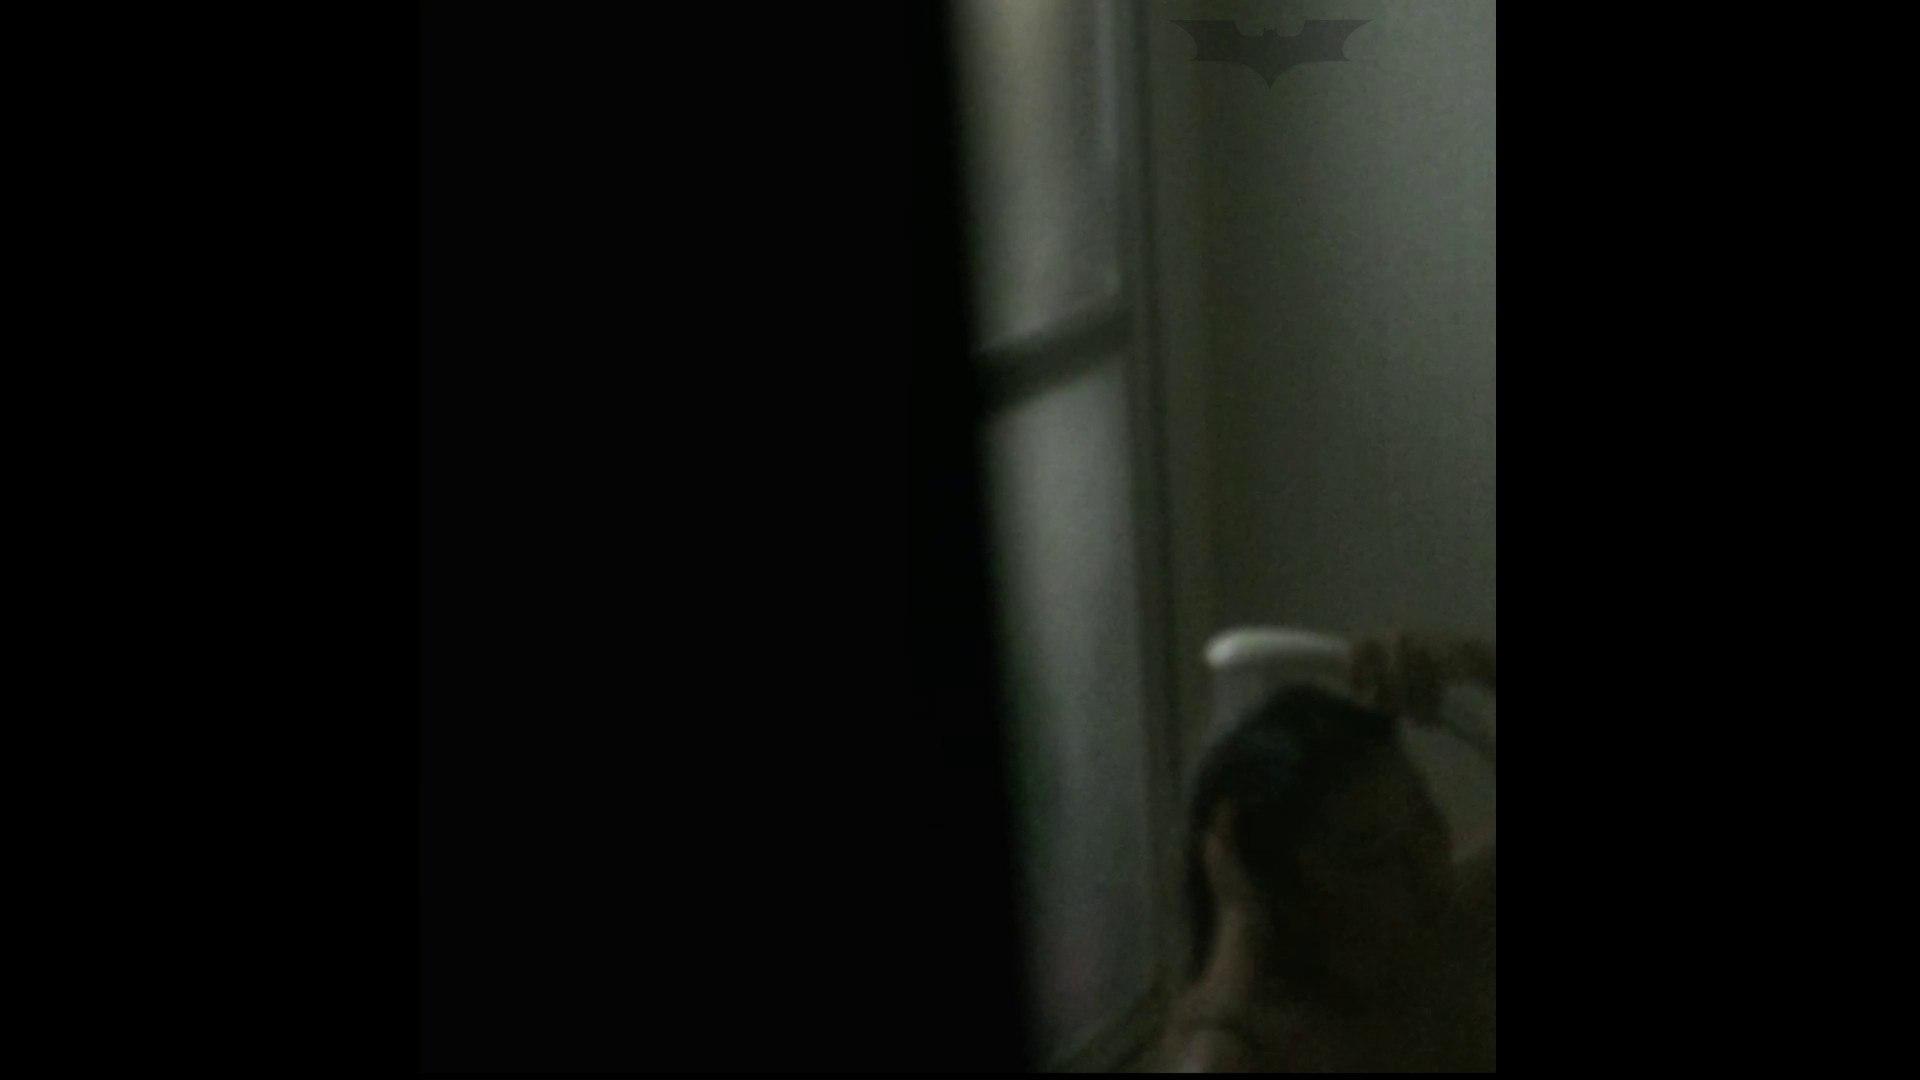 【19位 2016】リアルインパクト盗撮~入浴編 Vol.13 萌える注の入浴 ギャル達   エッチなパンツ  106枚 1